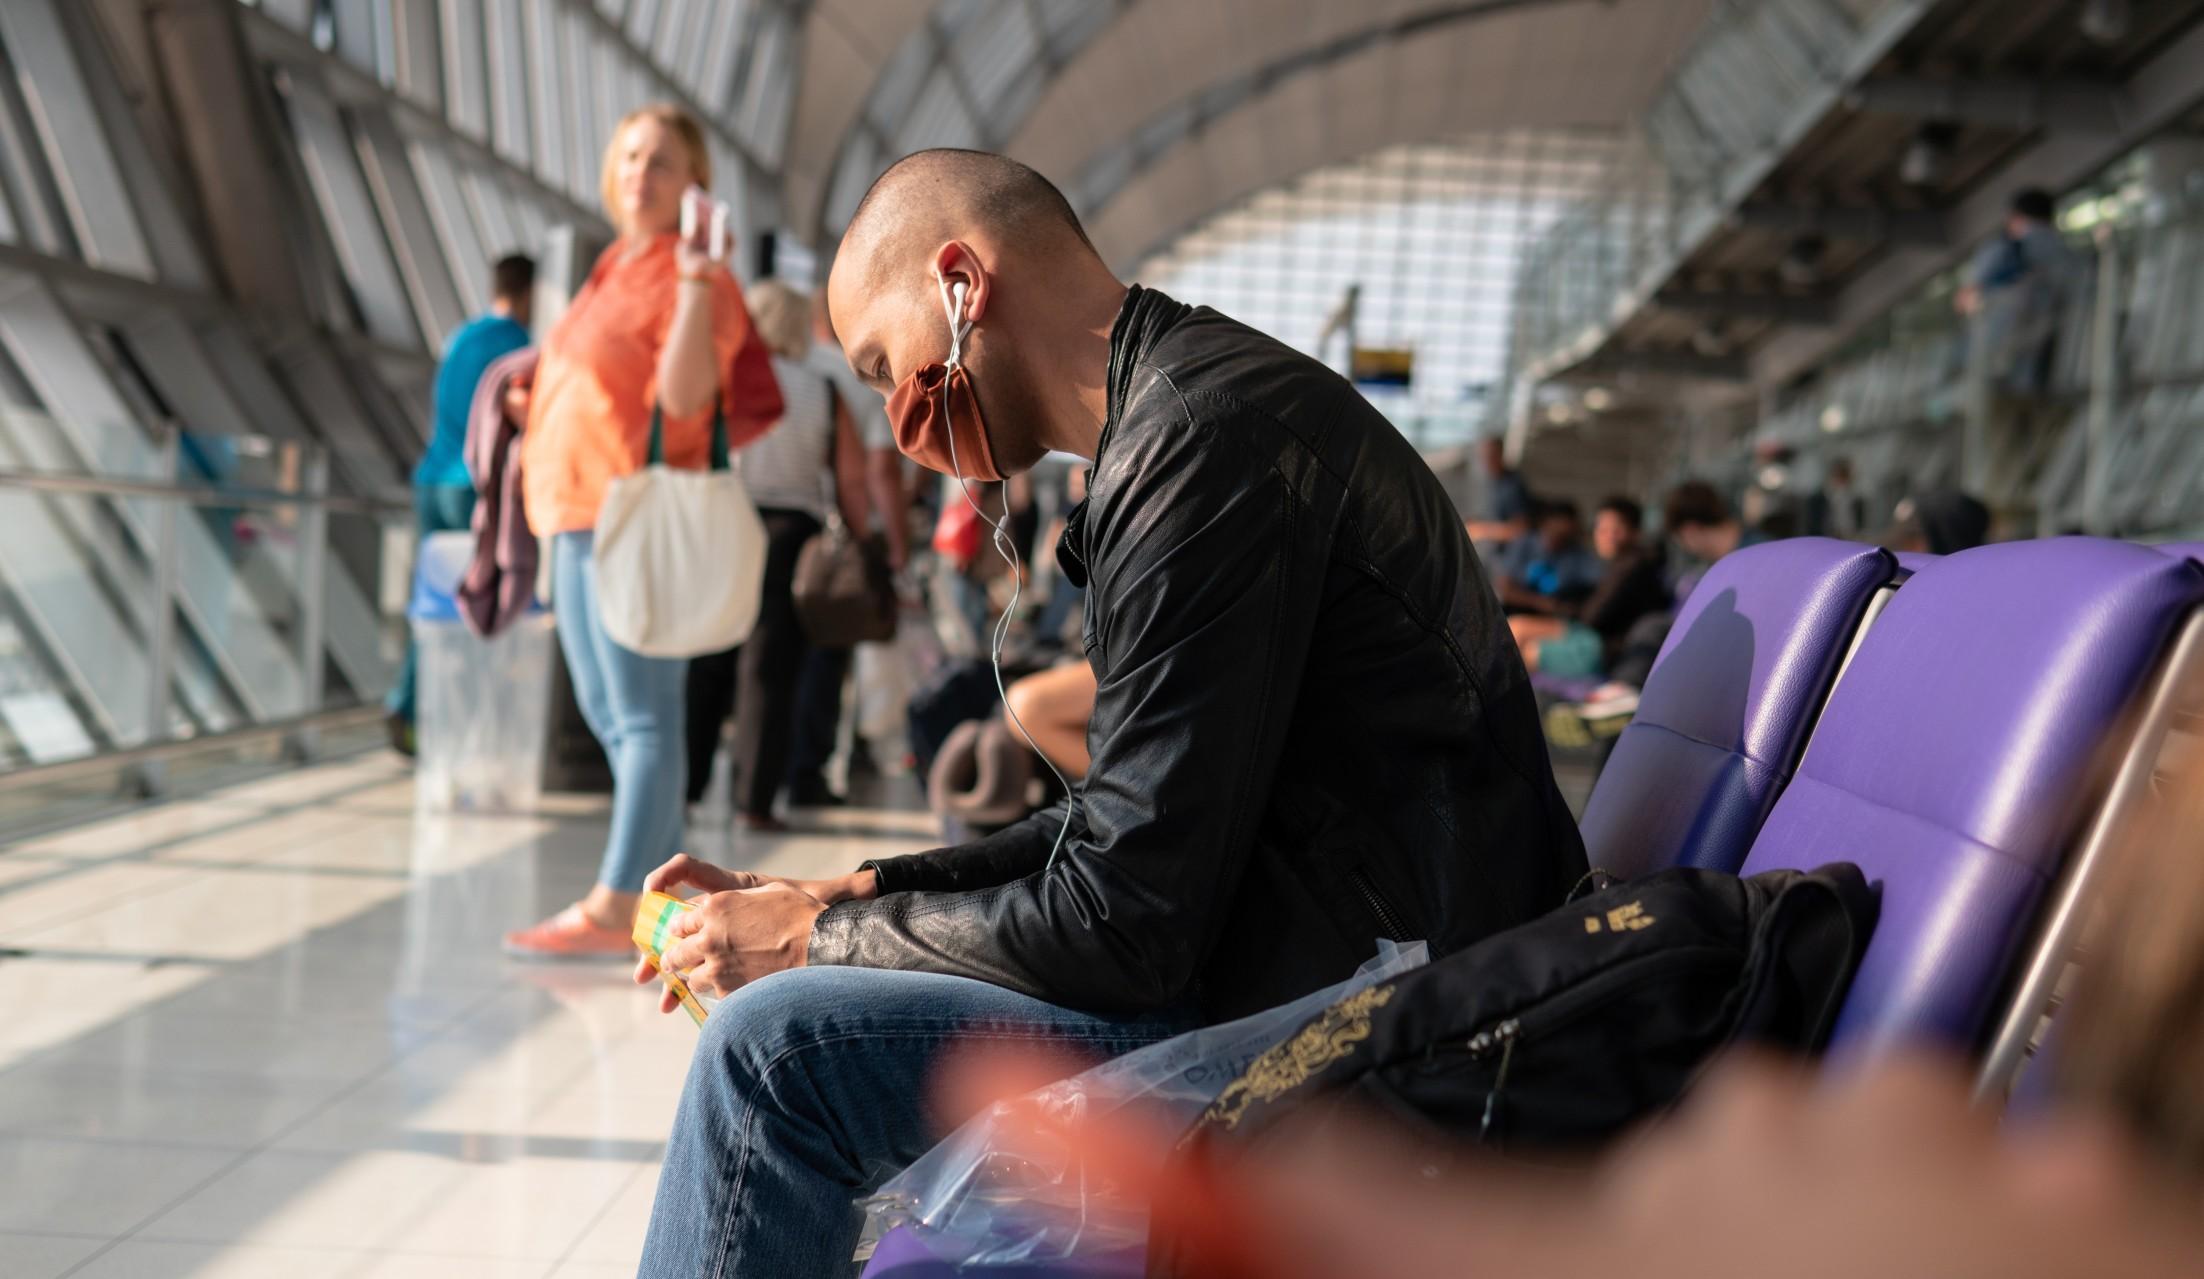 Άντρας σε αεροτουρίστες έλεγχος rapidδρόμιο